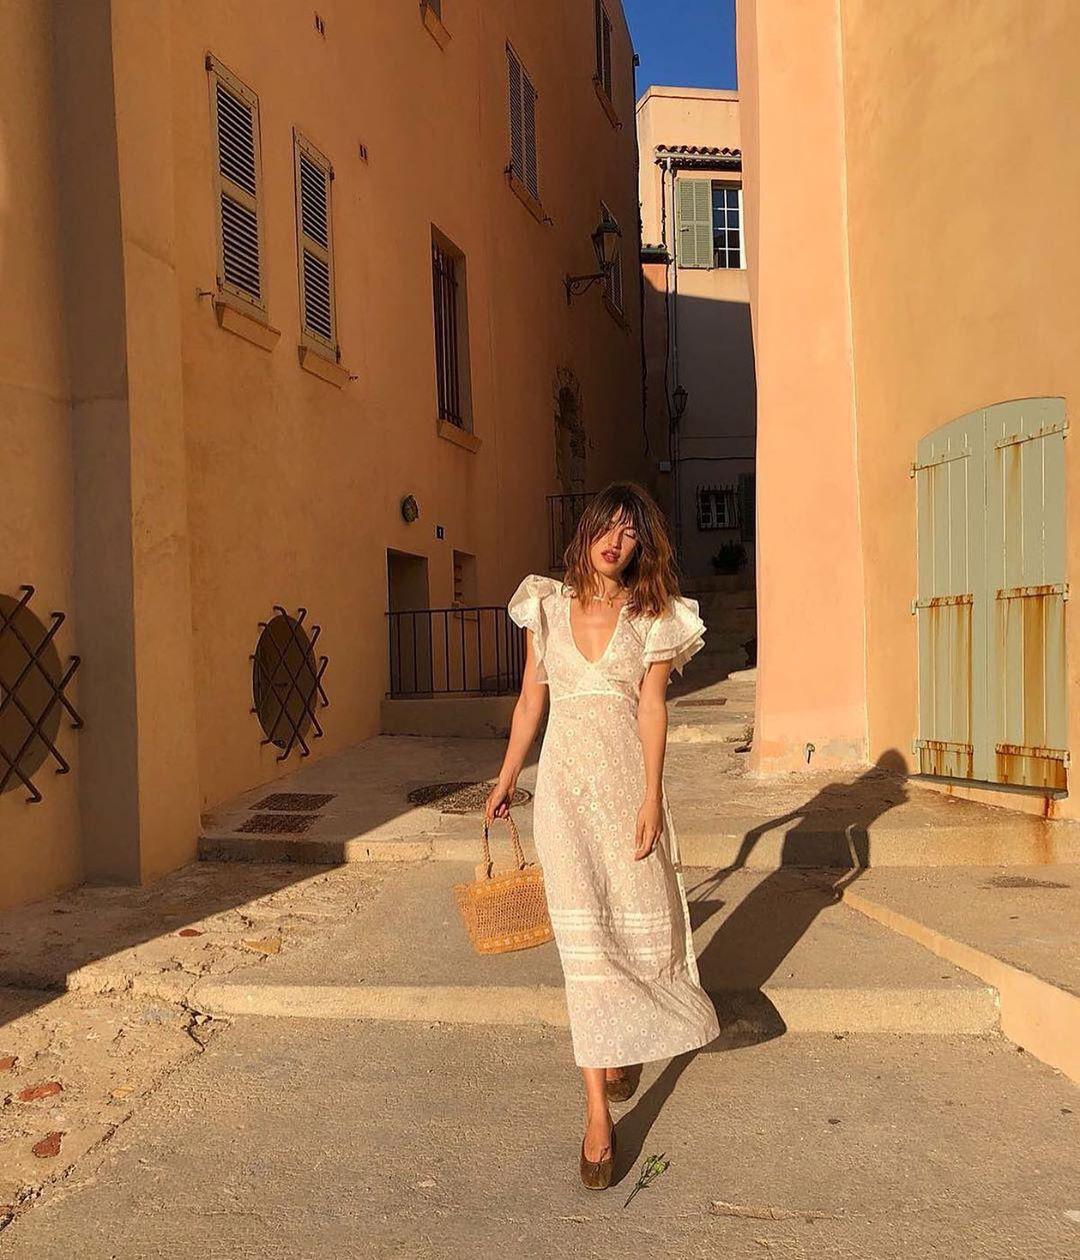 Trời se lạnh mà quẩy váy dáng dài là style sẽ yêu kiều như gái Pháp, điểm sang chảnh cũng tăng ngùn ngụt - Ảnh 7.